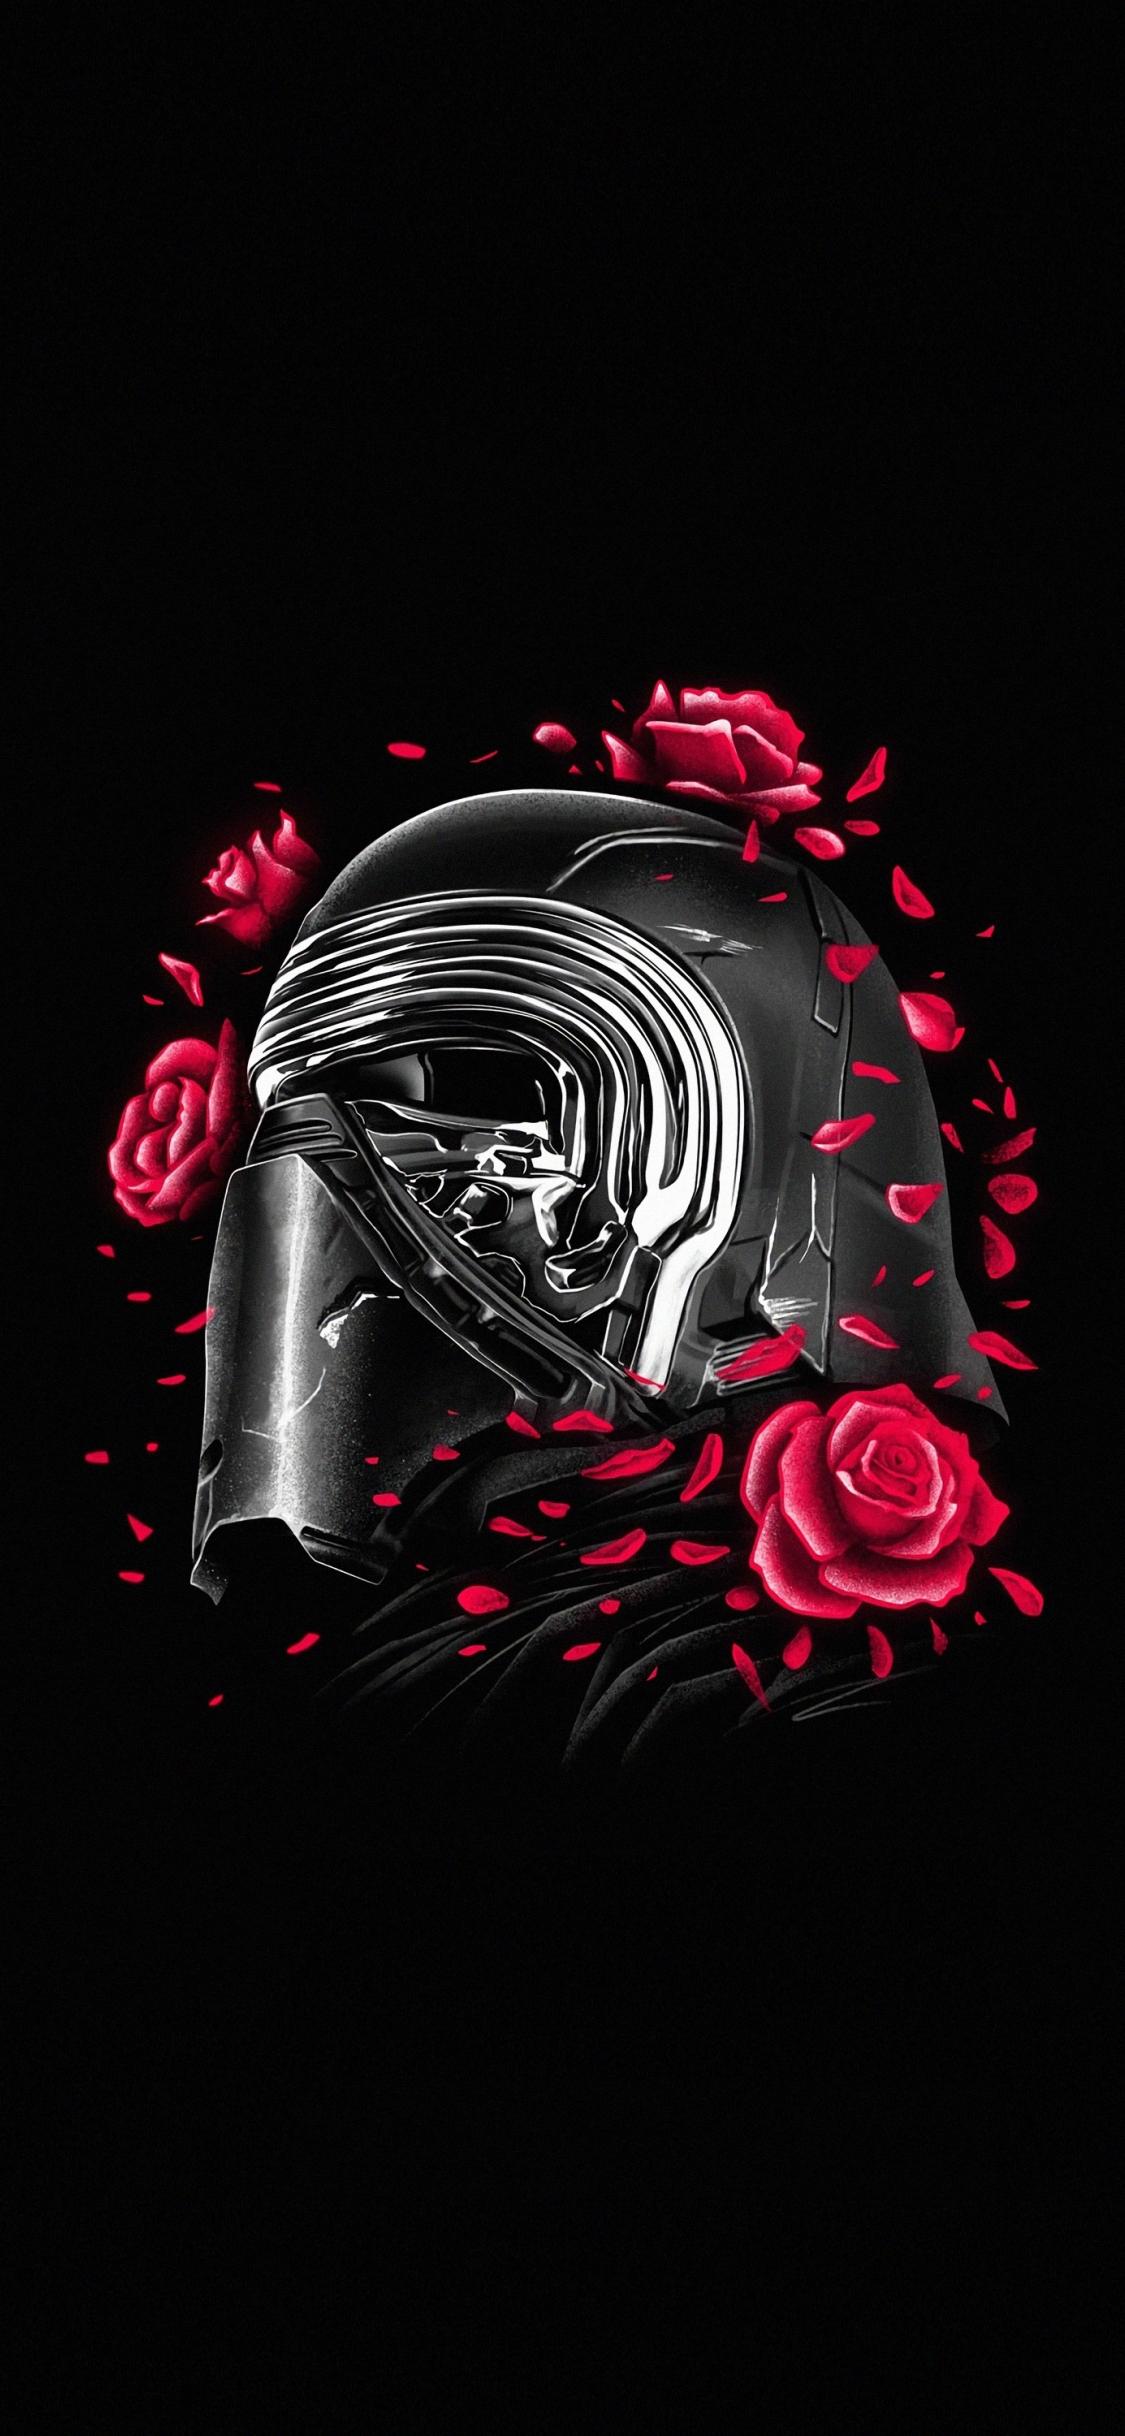 Download 1125x2436 Wallpaper Kylo Ren Helmet And Roses